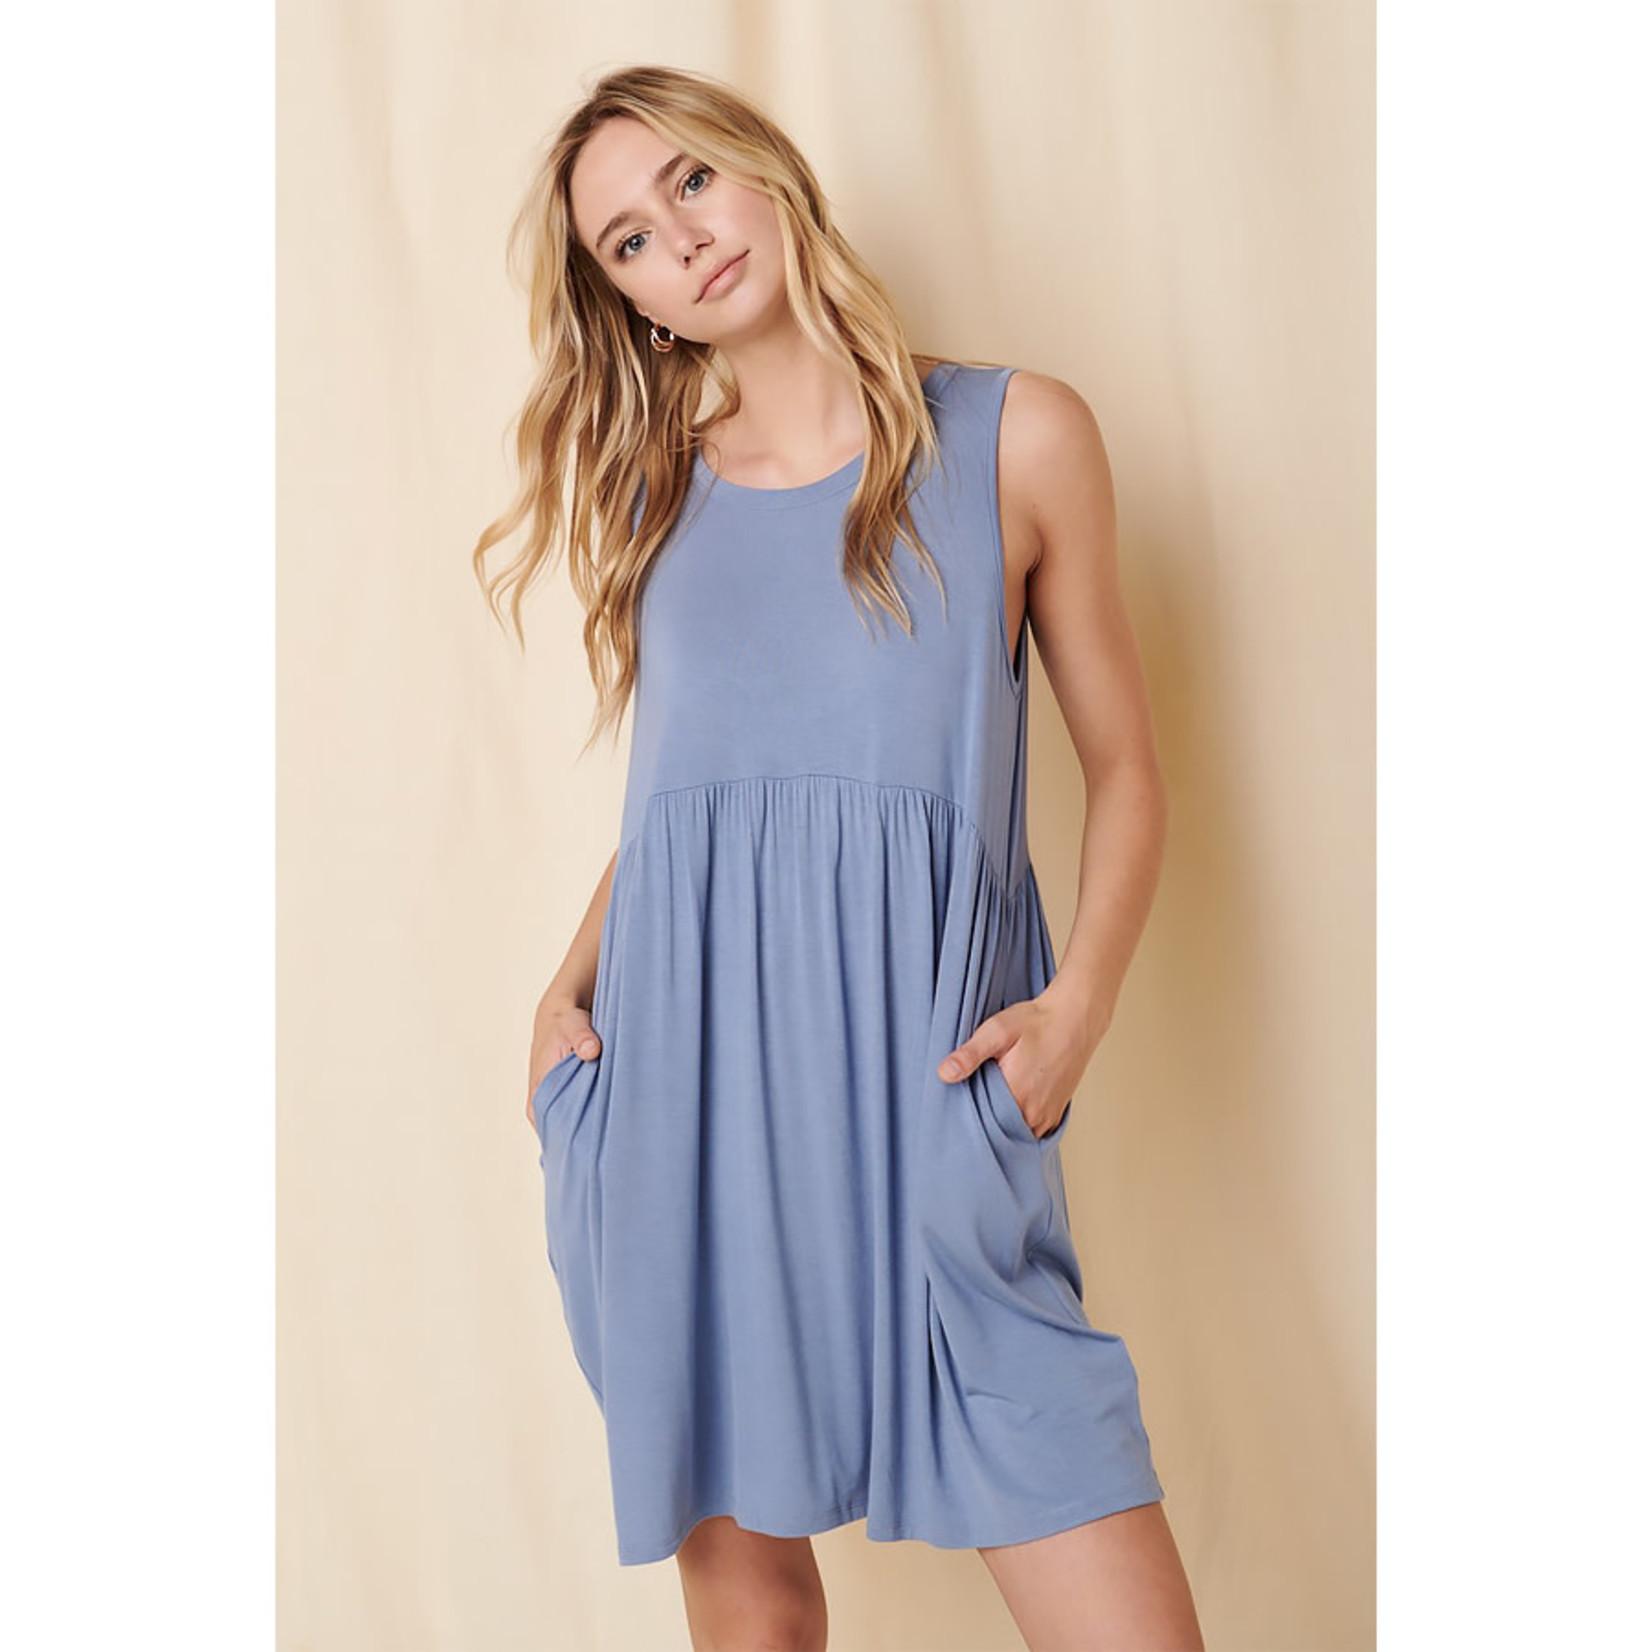 Mittoshop Violet Dress w/Pockets